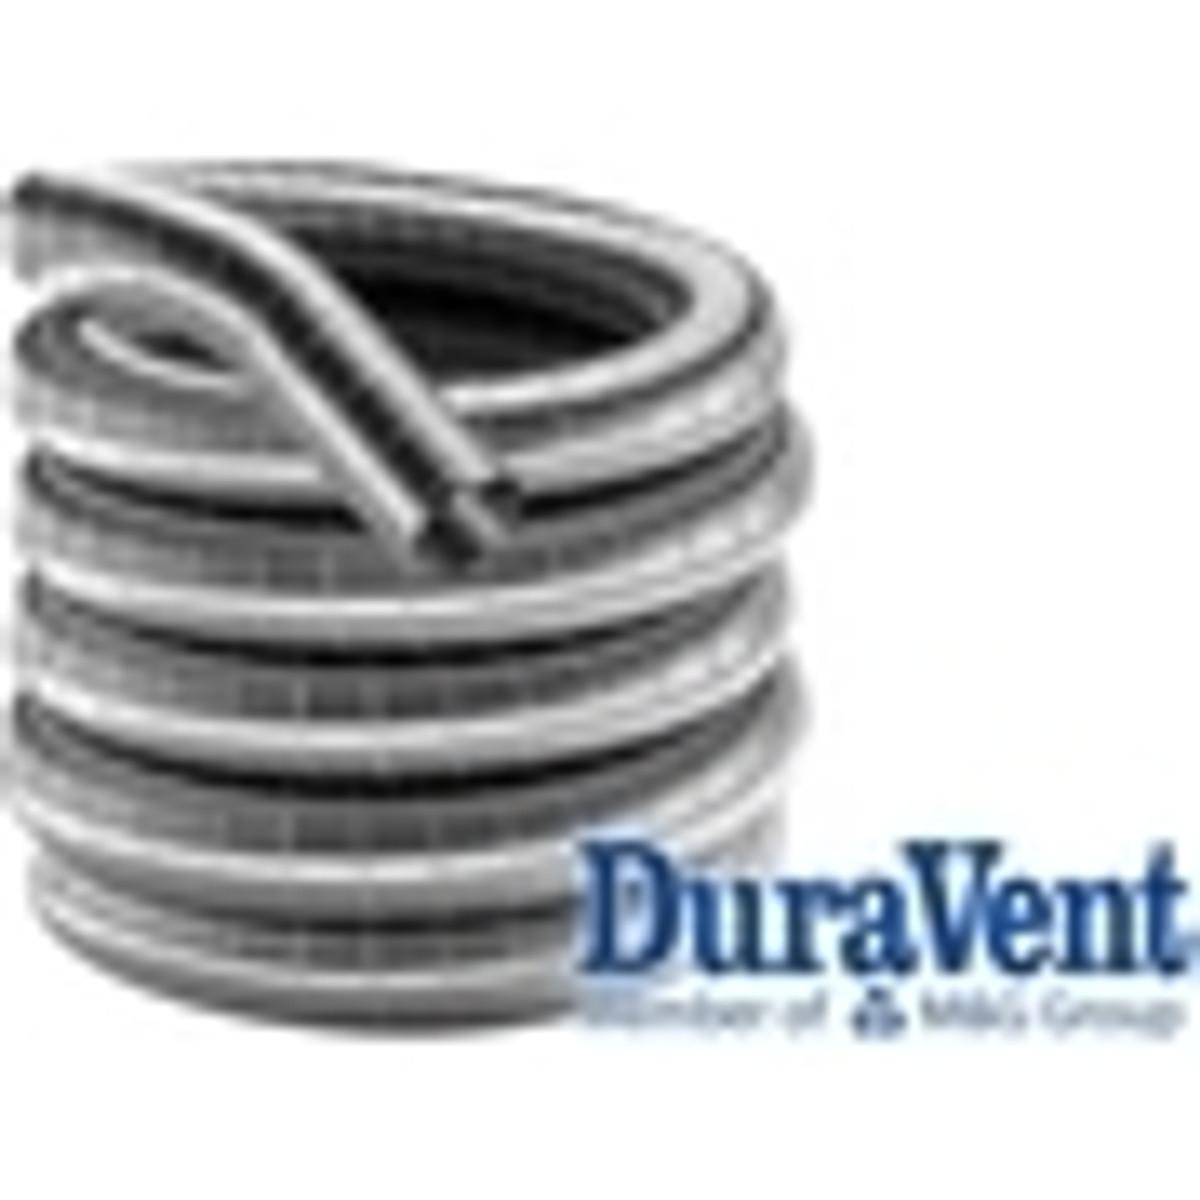 5.5'' DuraFlex Aluminum Gas Chimney Liner